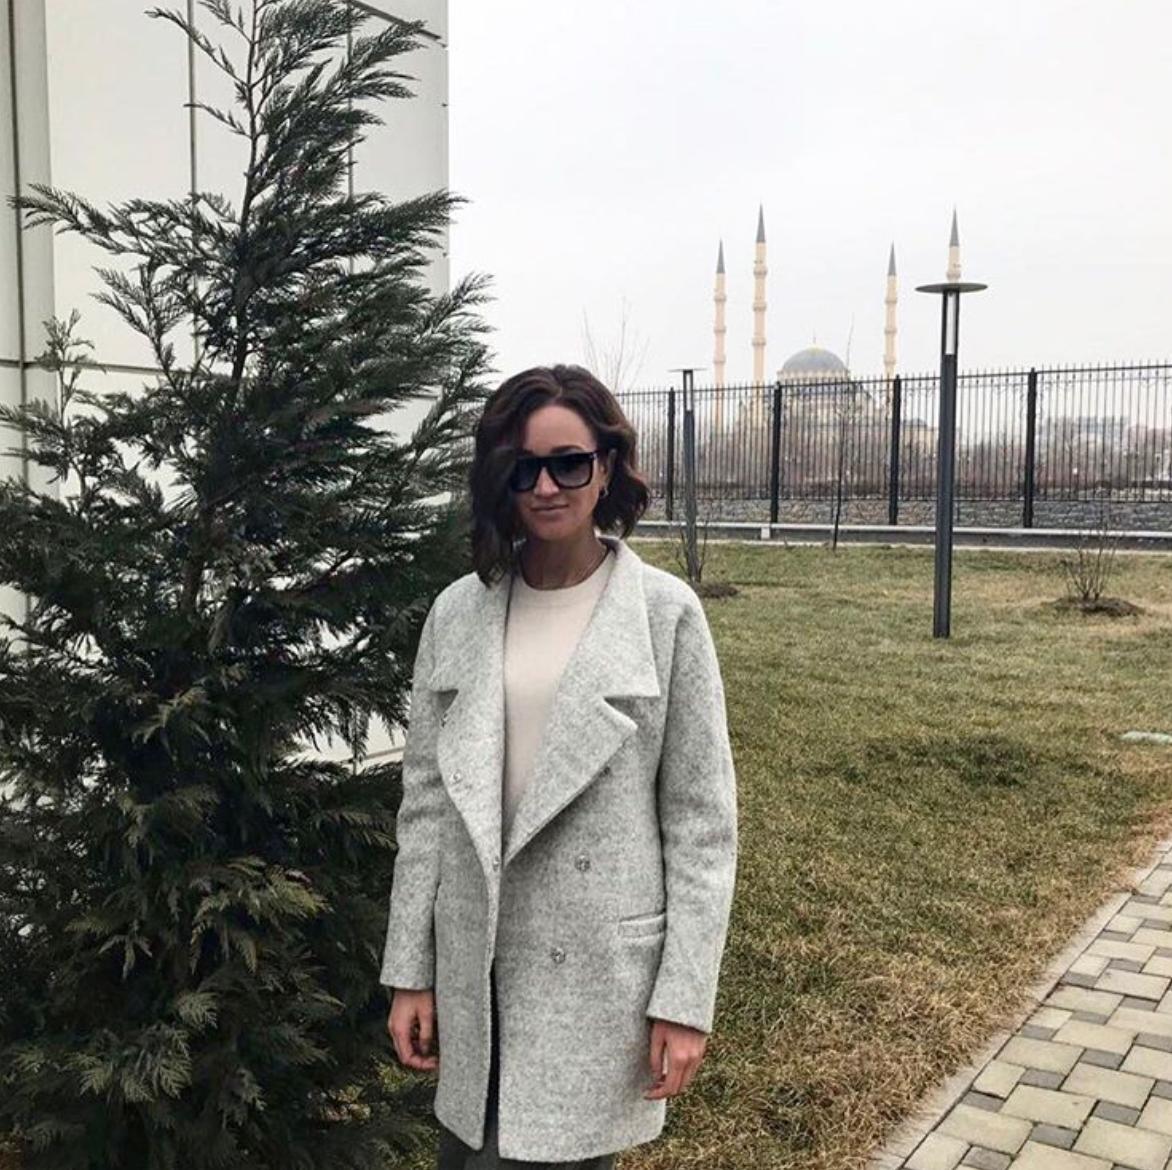 Фигурист Евгений Плющенко объявил озавершении карьеры